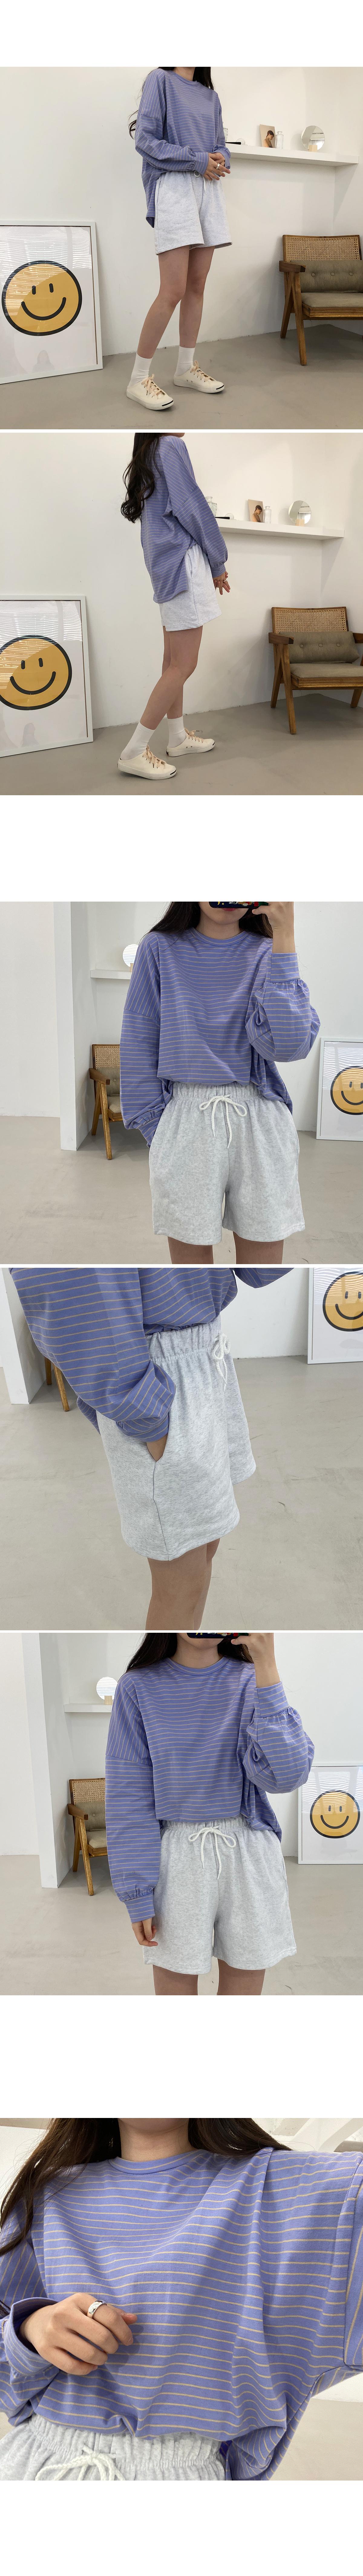 half training shorts